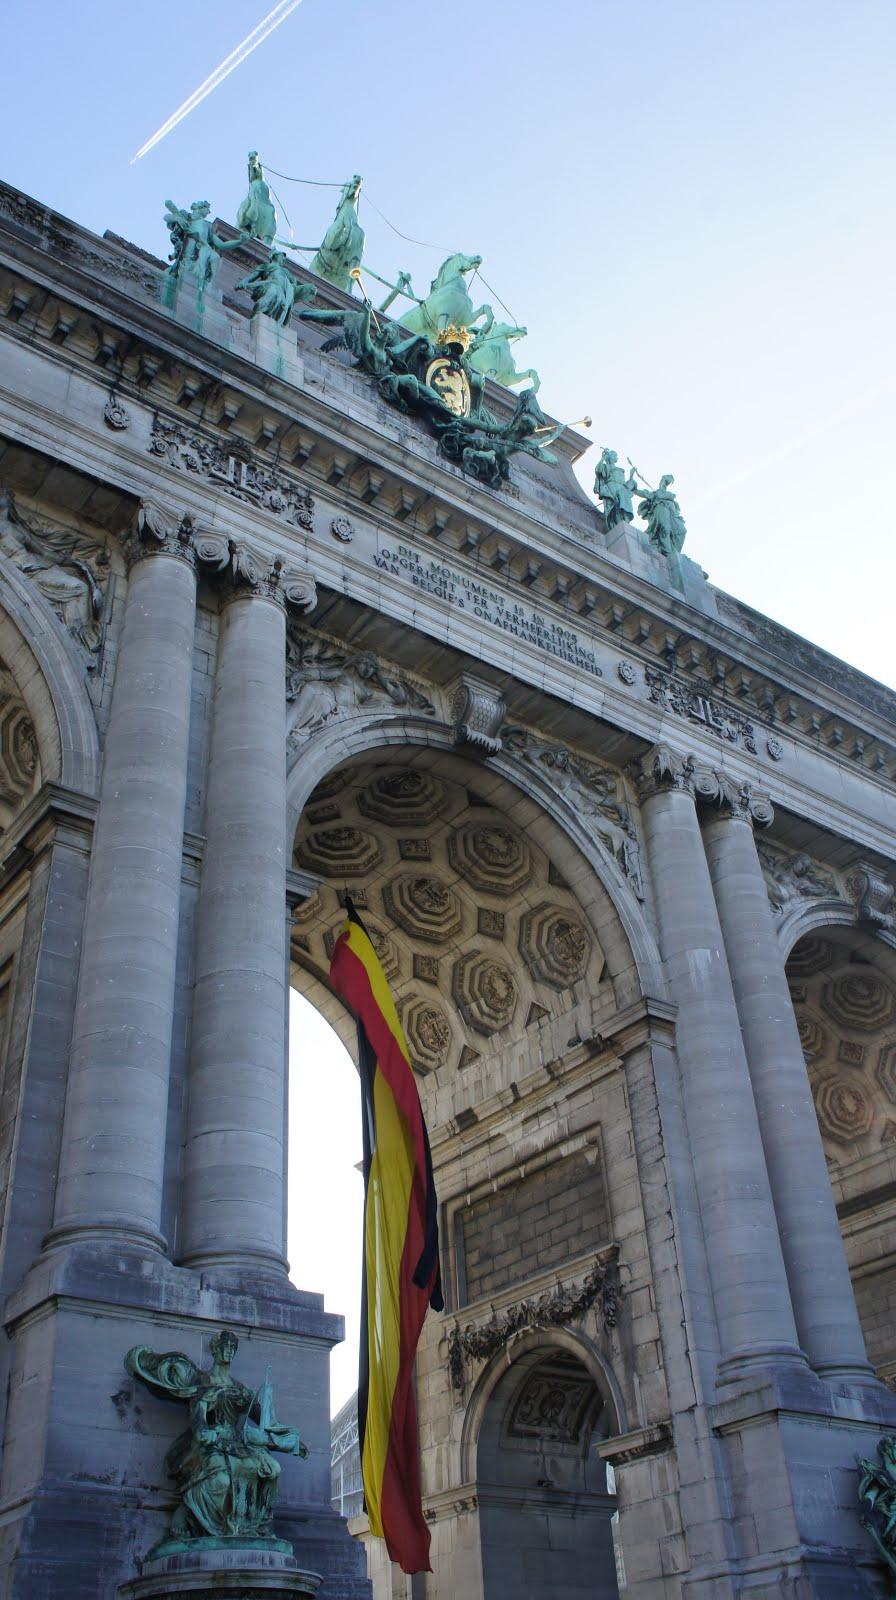 L'arc de Triomphe du parc du cinquantenaire à Bruxelles, Jubelpark in Brussels, Cinquantenaire Park in Brussels